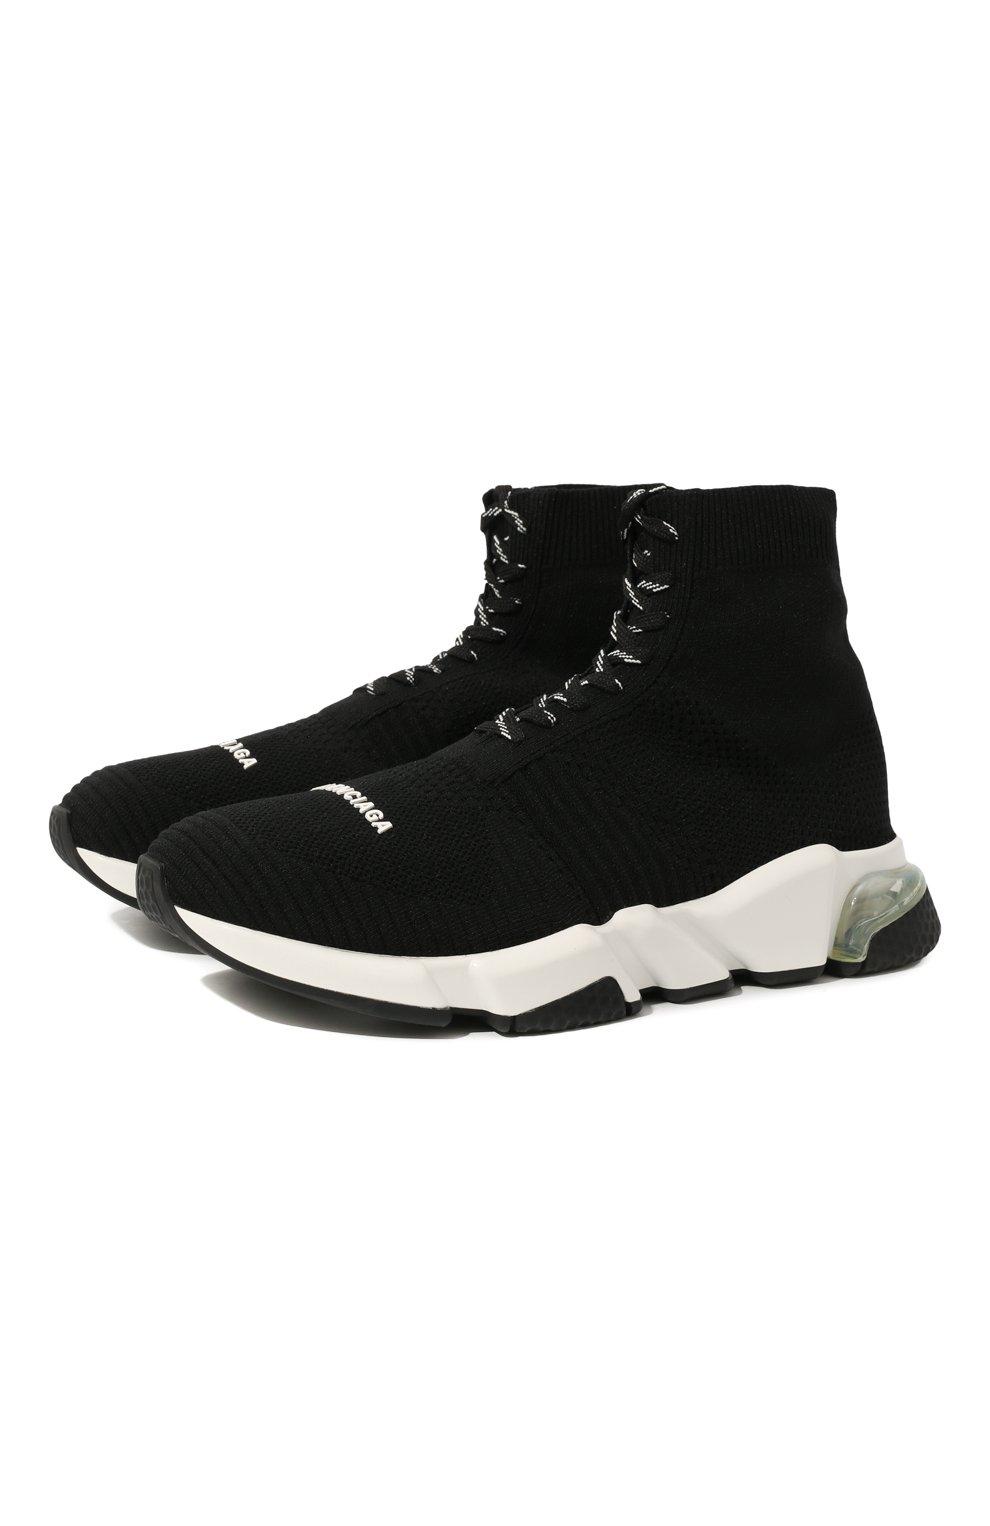 Мужские текстильные кроссовки speed clear sole BALENCIAGA черного цвета, арт. 617255/W05GG | Фото 1